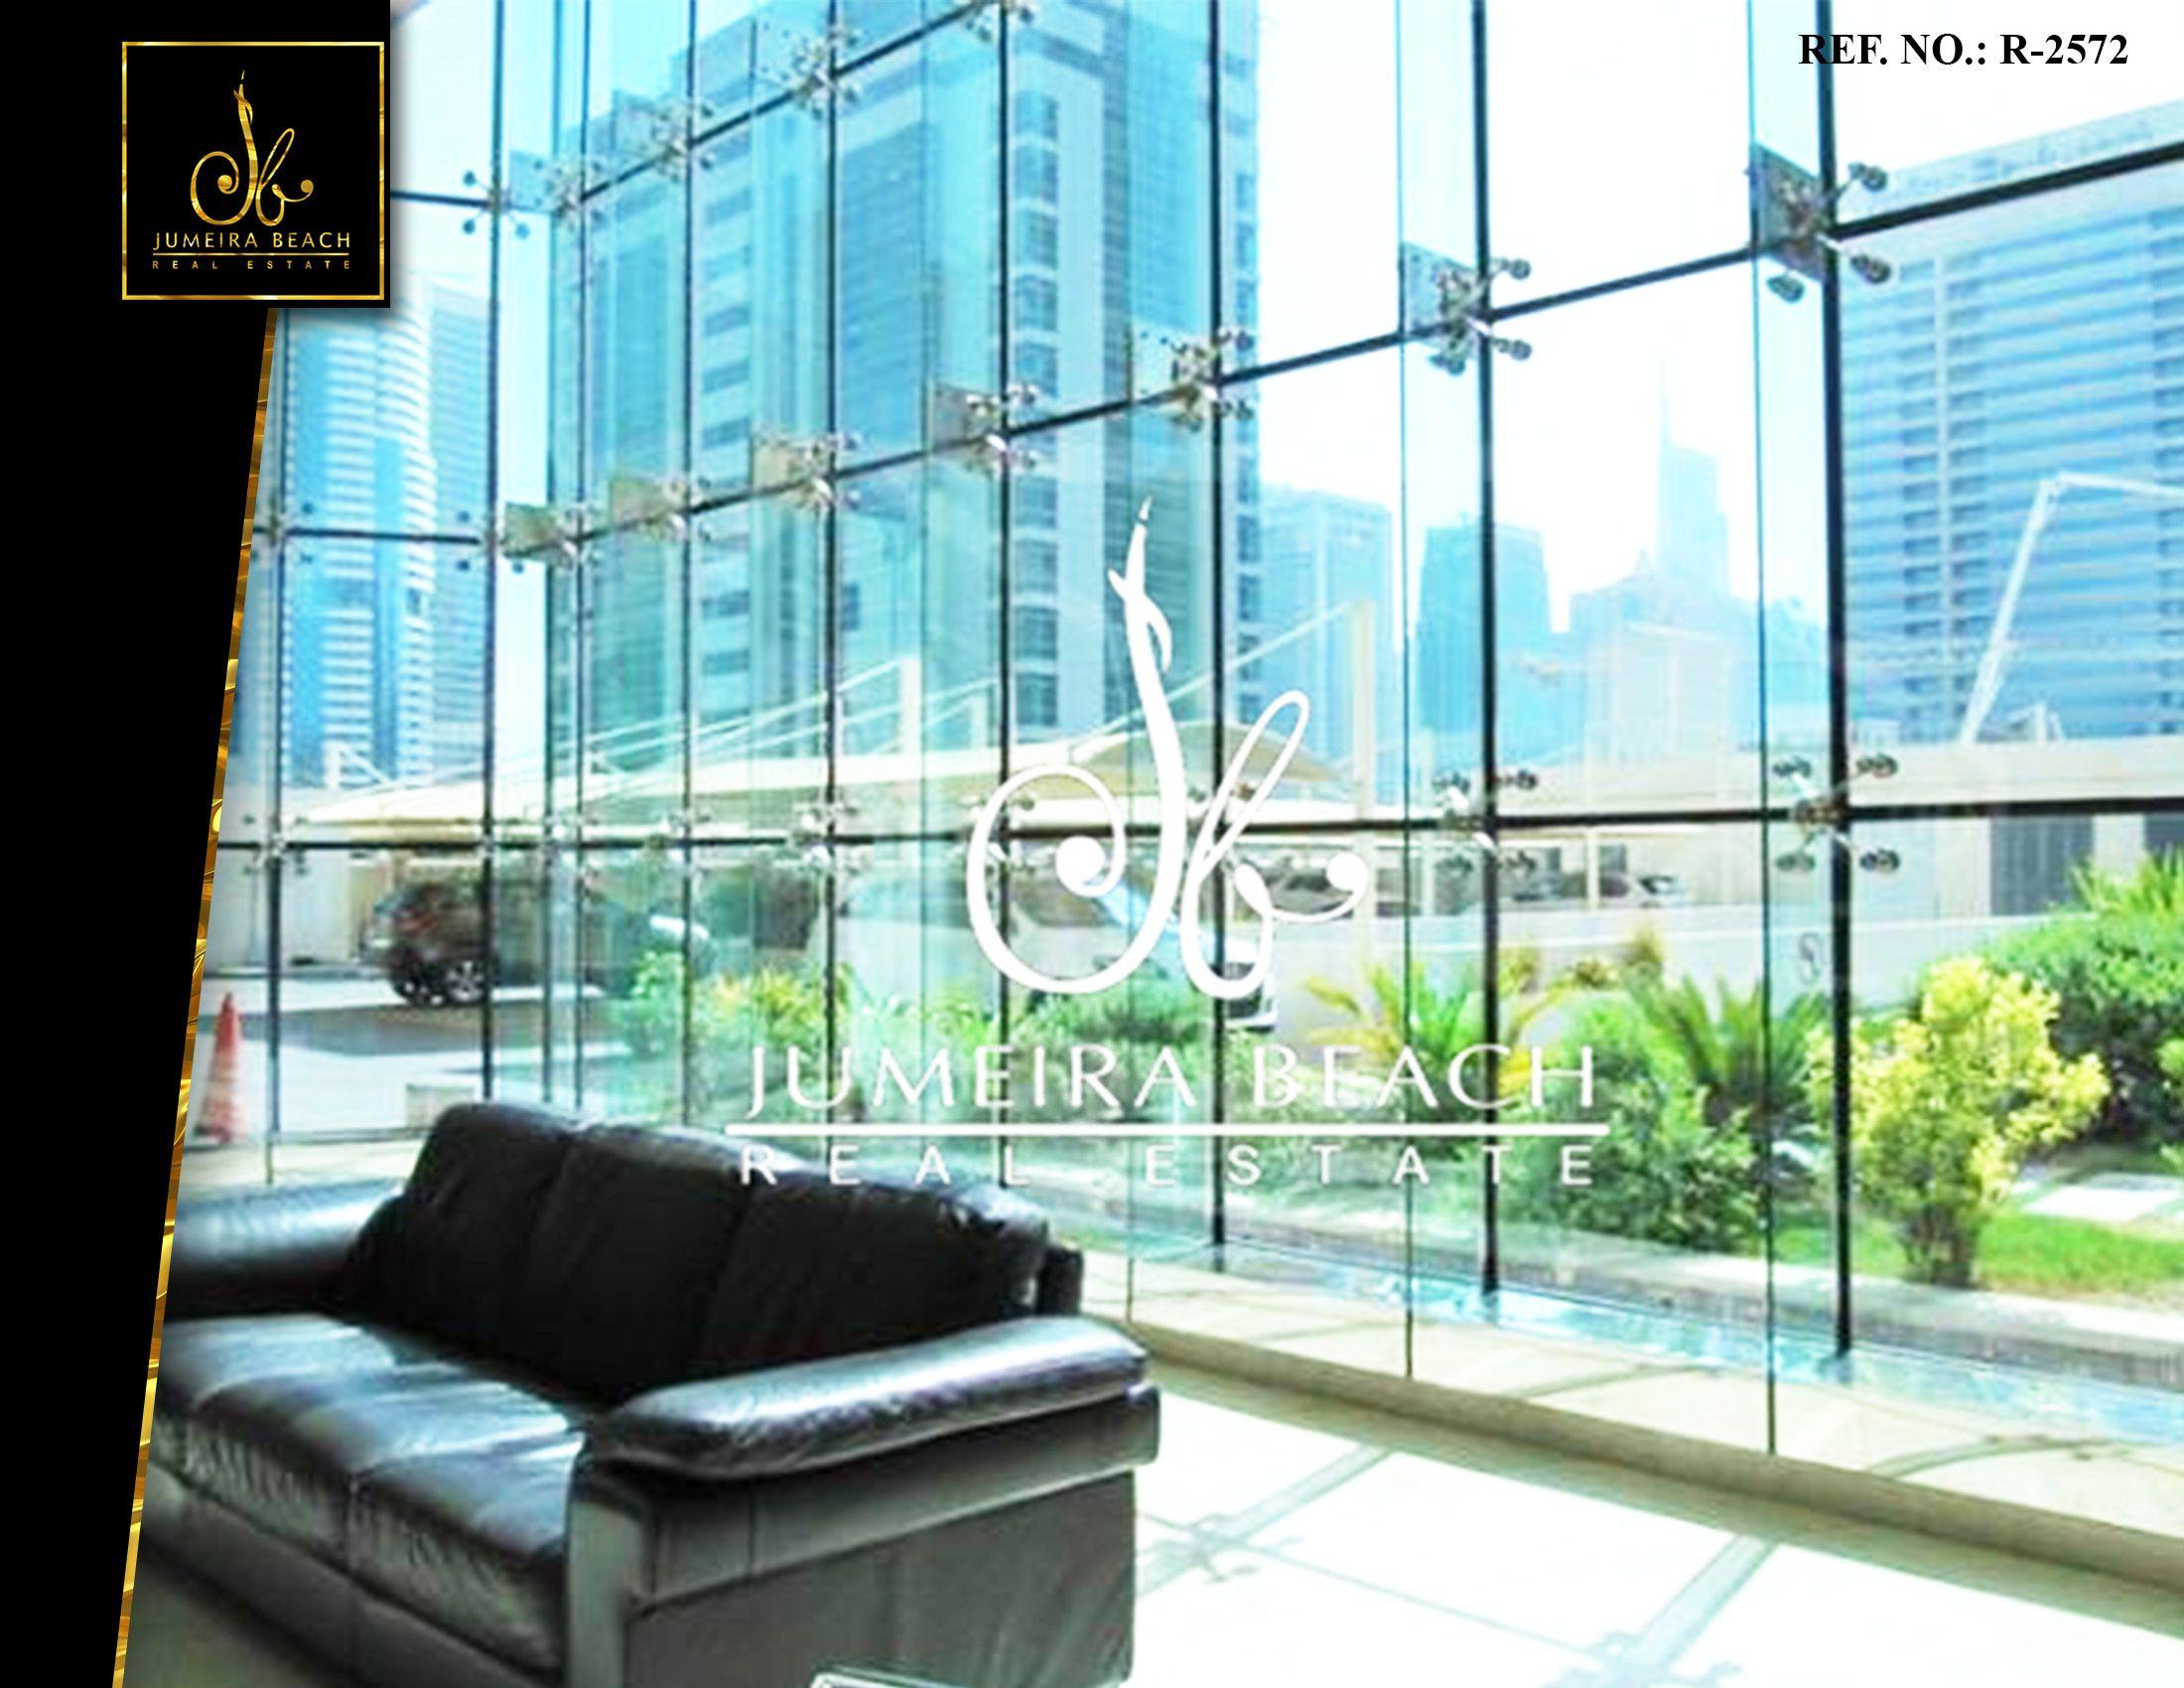 Simple Yet Elegant 1 Bedroom Apartment for Rent in Dubai